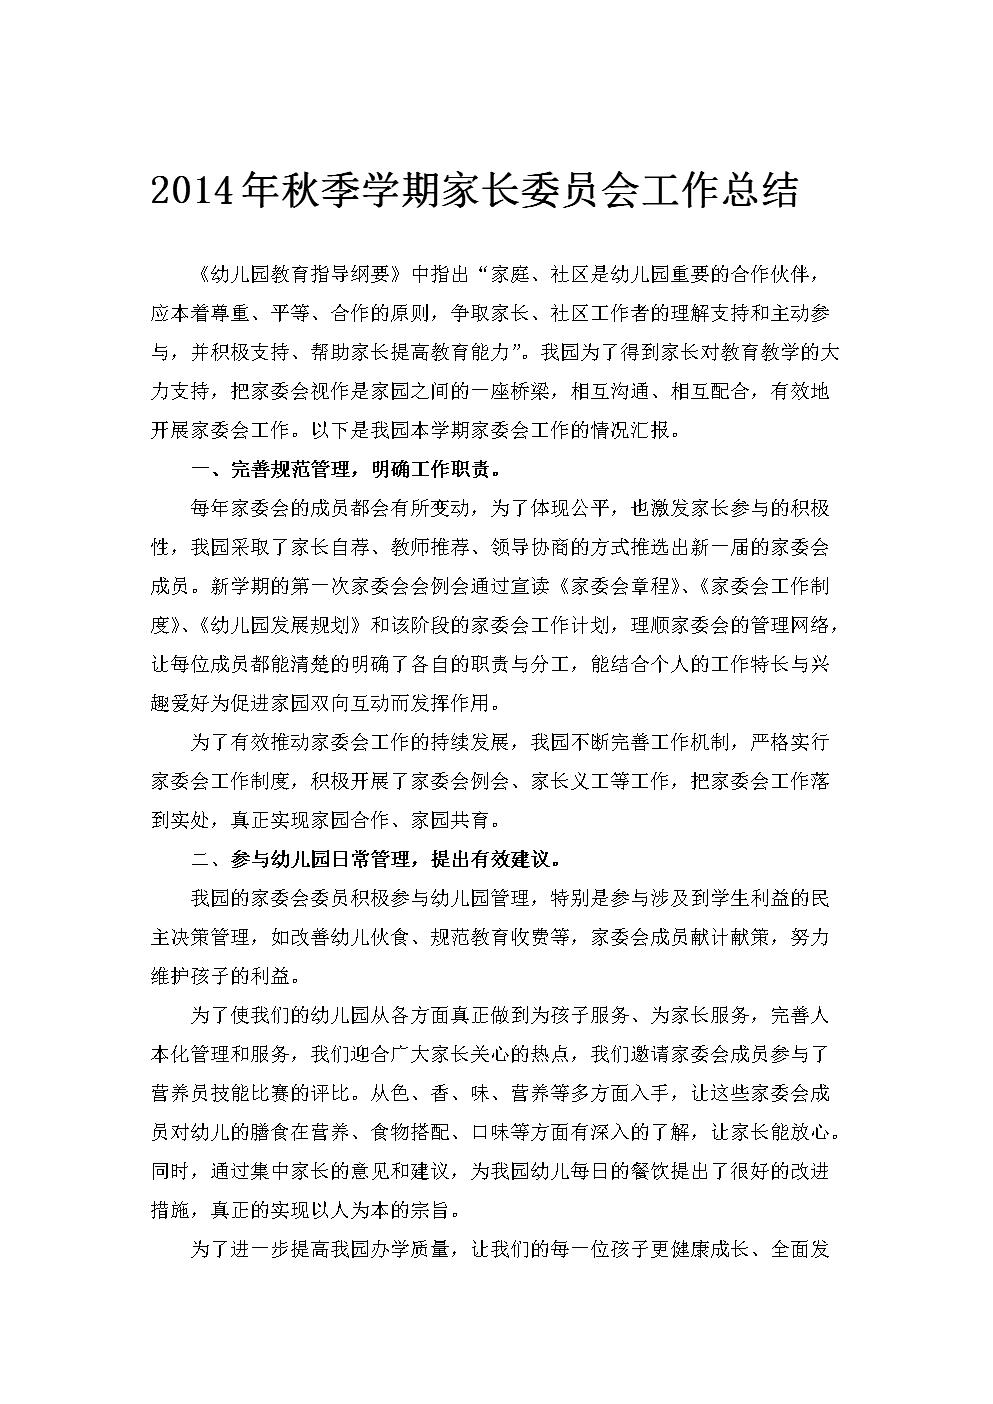 高台镇中心幼儿园2014年秋季学期家长委员会工作总结.doc